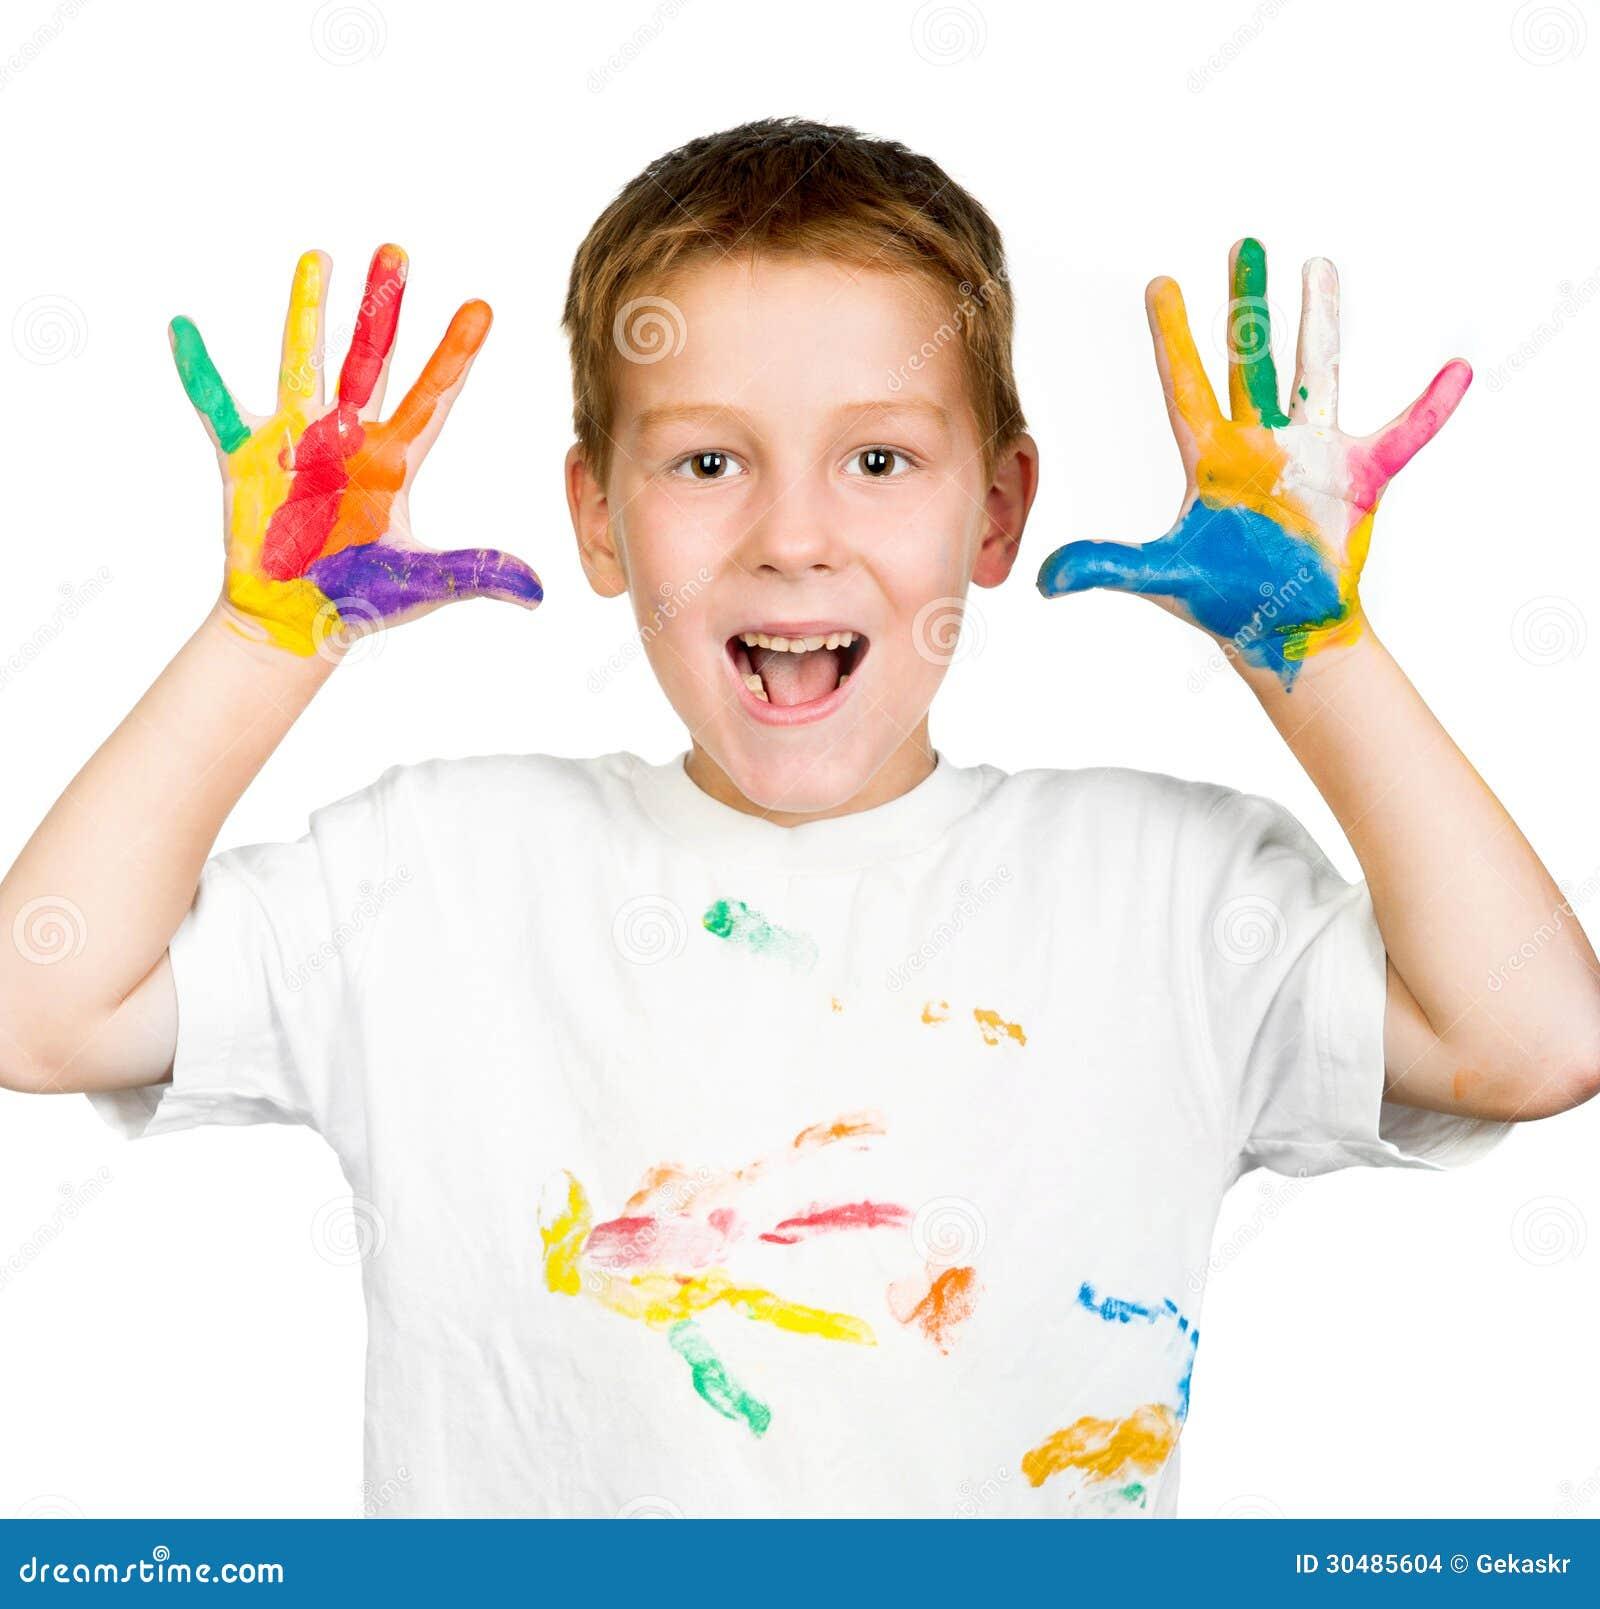 Το αγόρι παρουσιάζει χέρια του που χρωματίζονται με το χρώμα